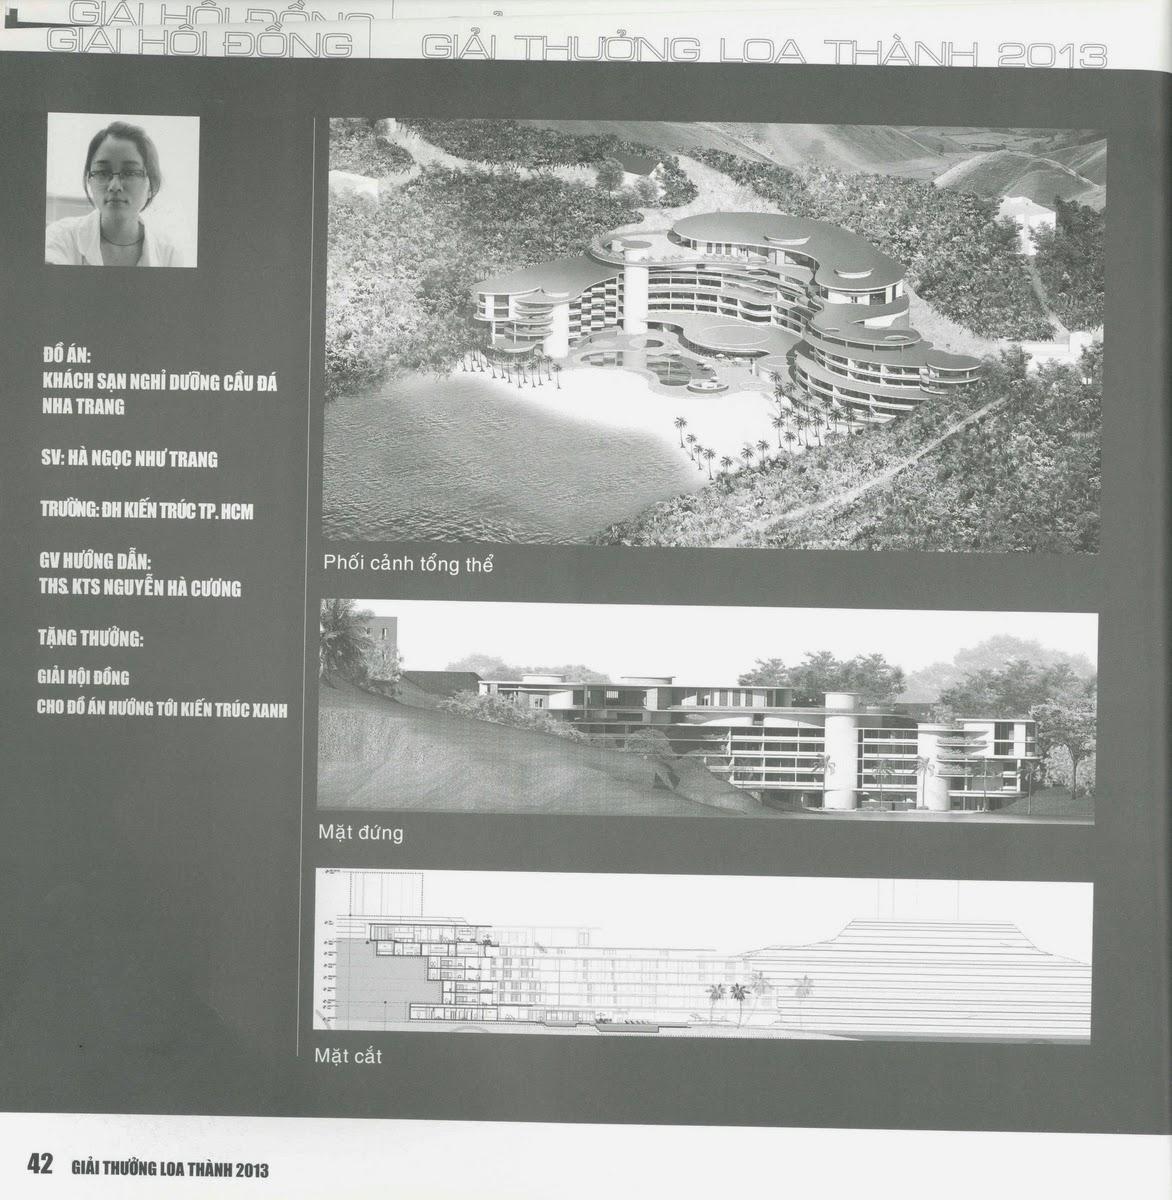 Đồ án Loa Thành 2013